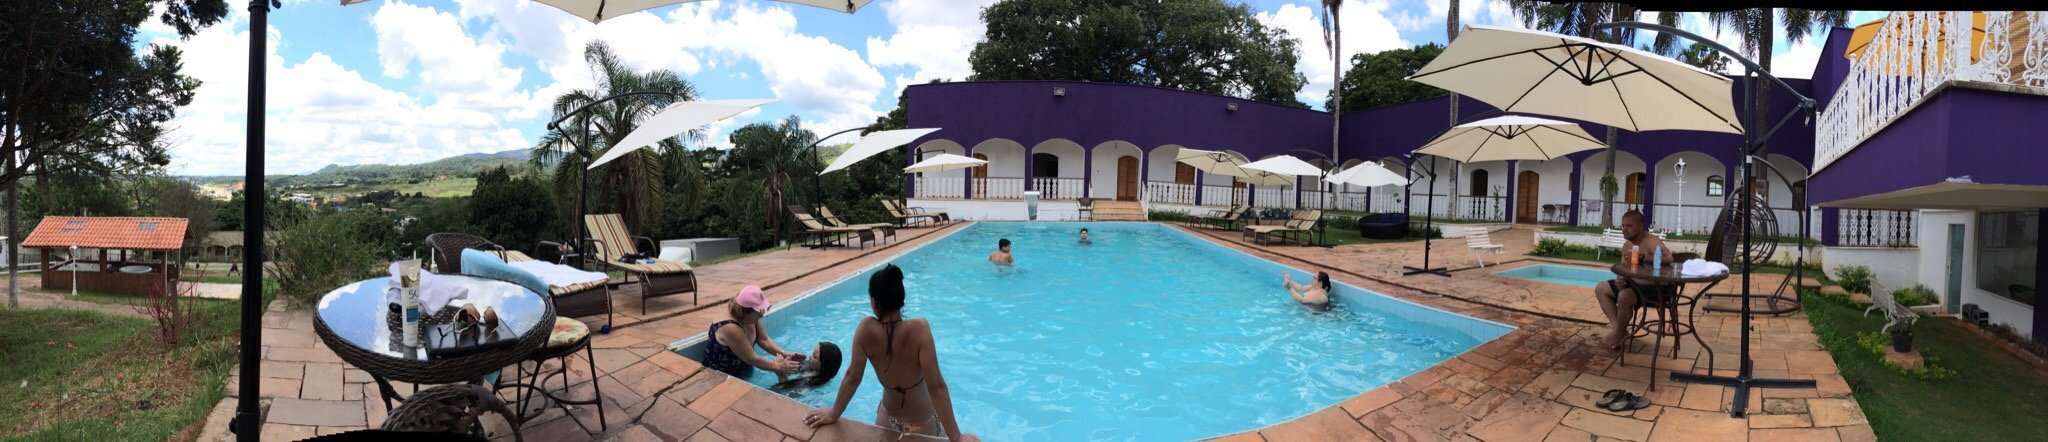 Pousada Parque da Colinas de Atibaia